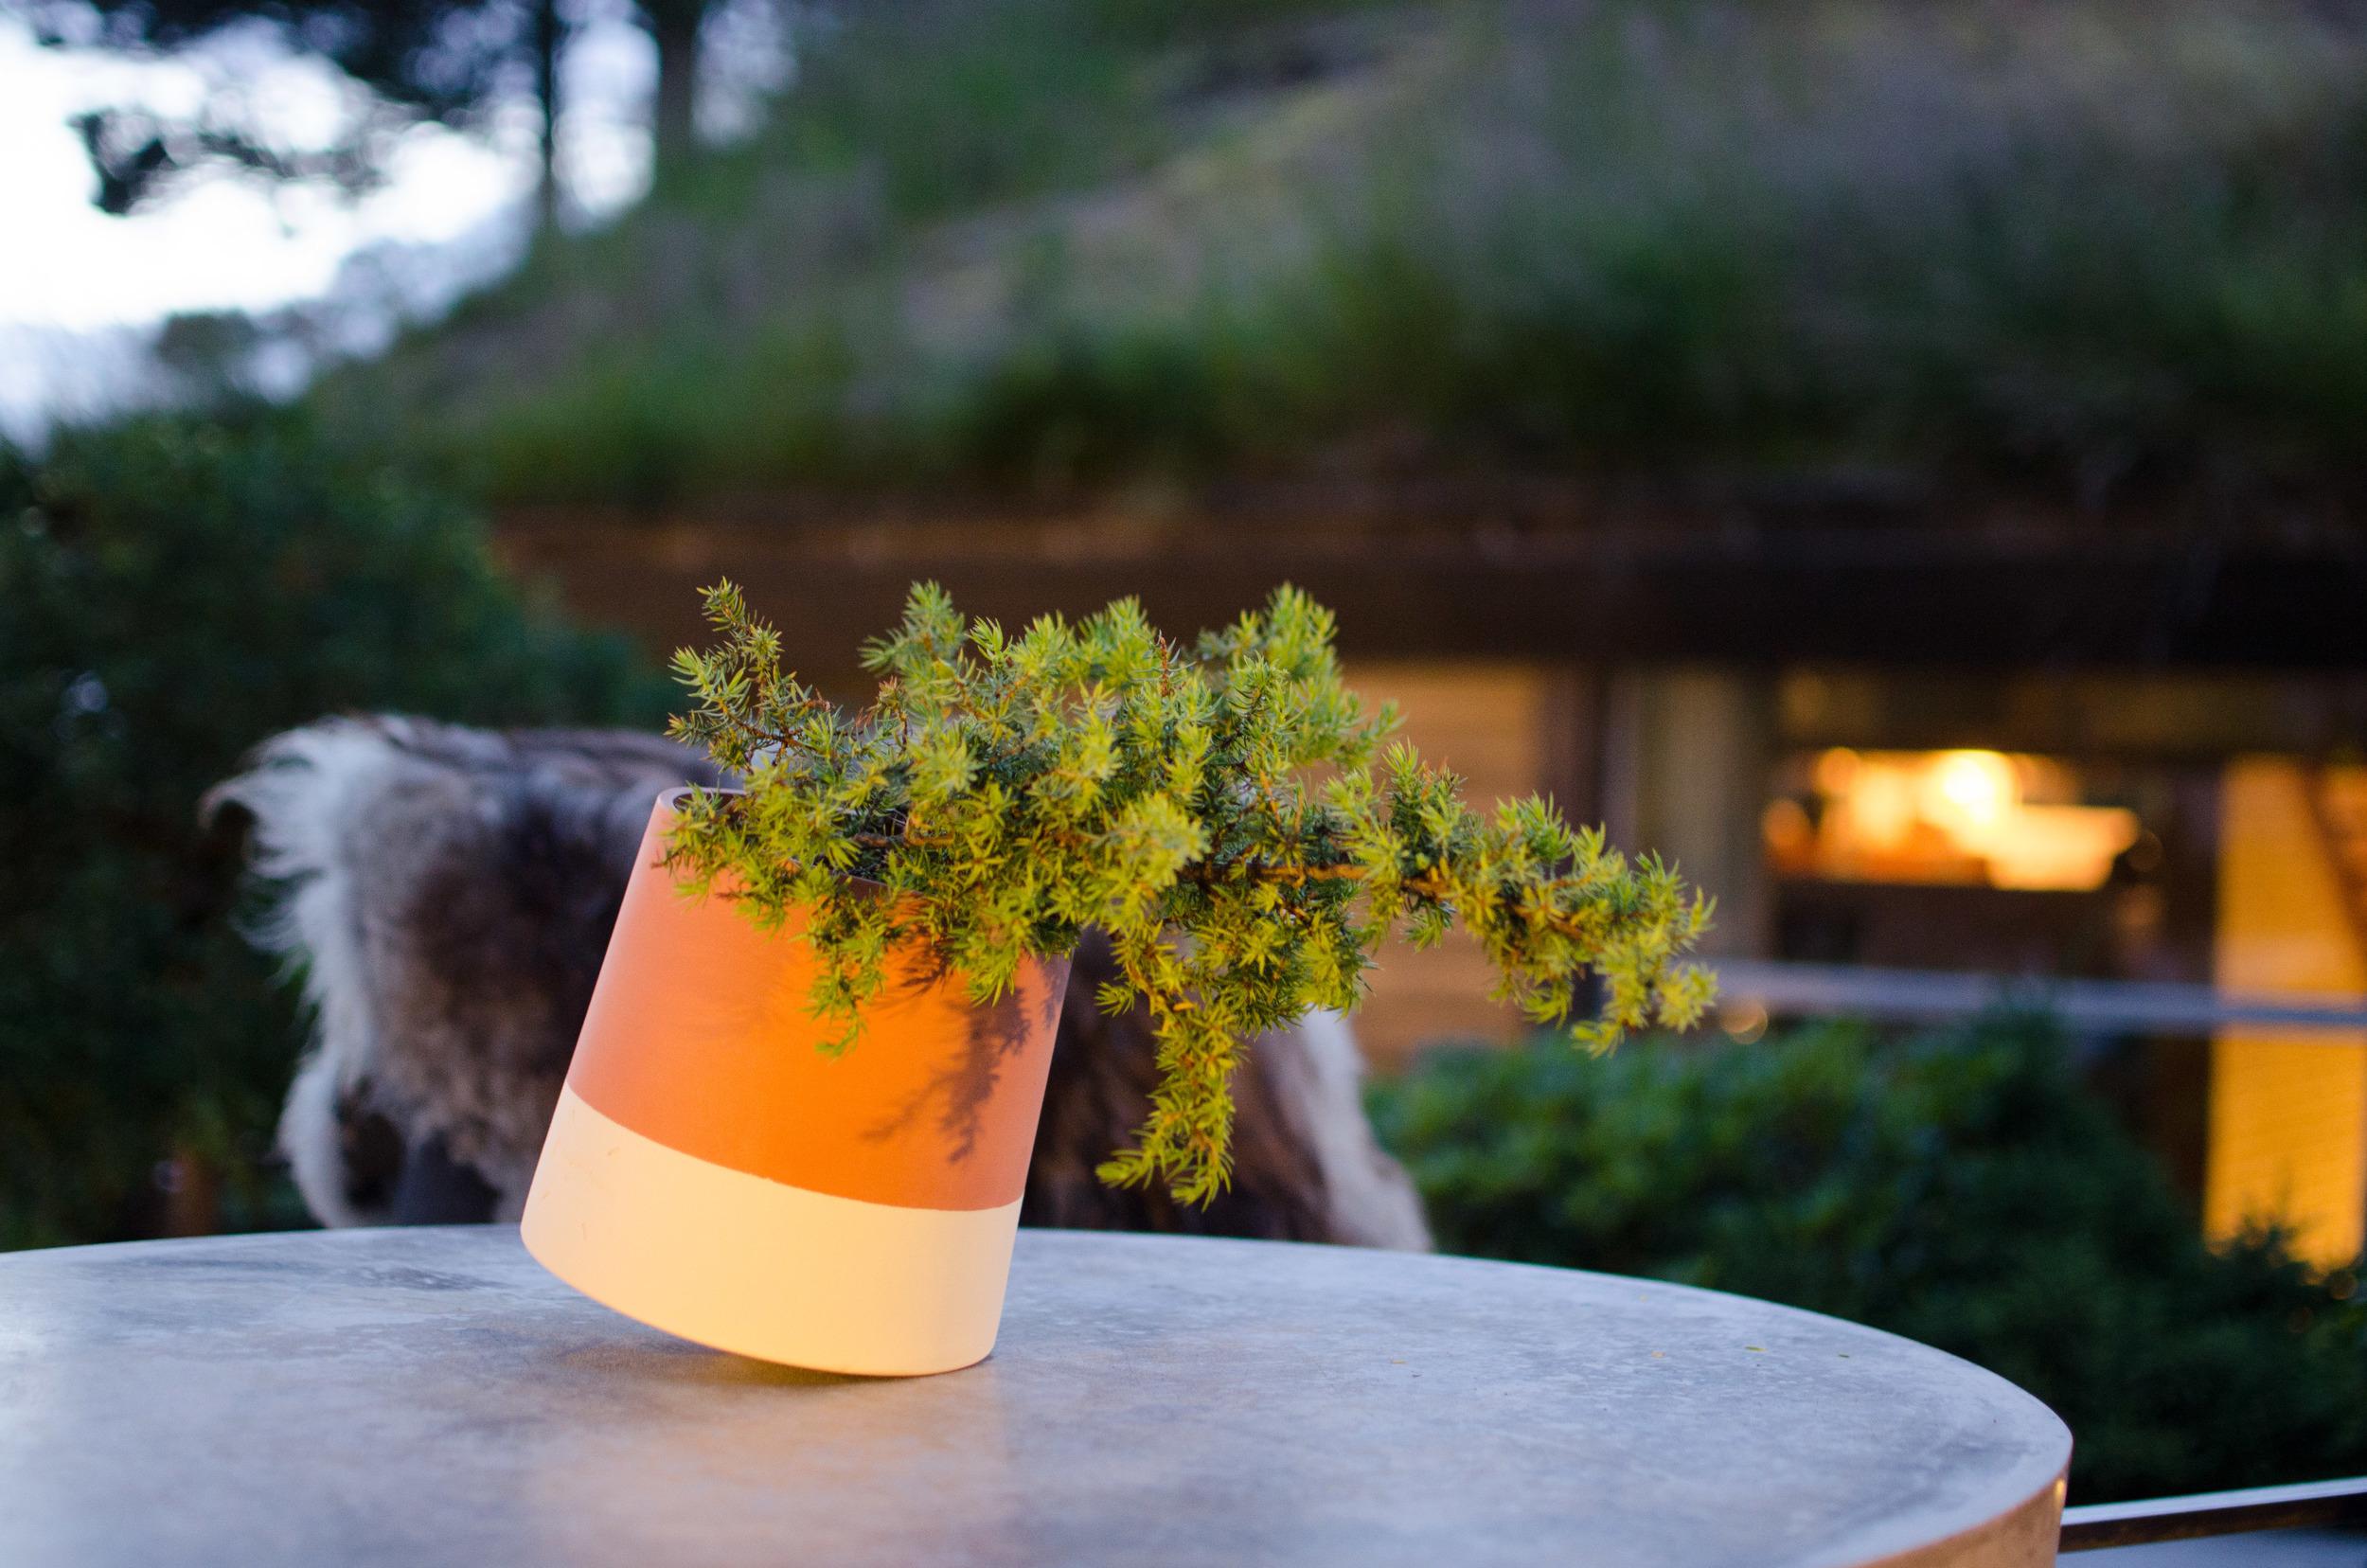 """Voltasol er hånddreiet terracotta fra Girona i nord-Spania. Den er ikke frostsikker og må tas inn på vinteren. Innsiden har en silikonbasert glasur som gjør at den ikke trekker til seg vann så fort, men for både planter og krukke anbefaler vi at plantene tas ut og får trekke eller at de vannes forsiktig. Terracotta er et naturmateriale og vil påvirkes av bruken. Etter en våt sommer kan den ha fått en noe mørkere patina enn når den er helt """"box fresh""""."""